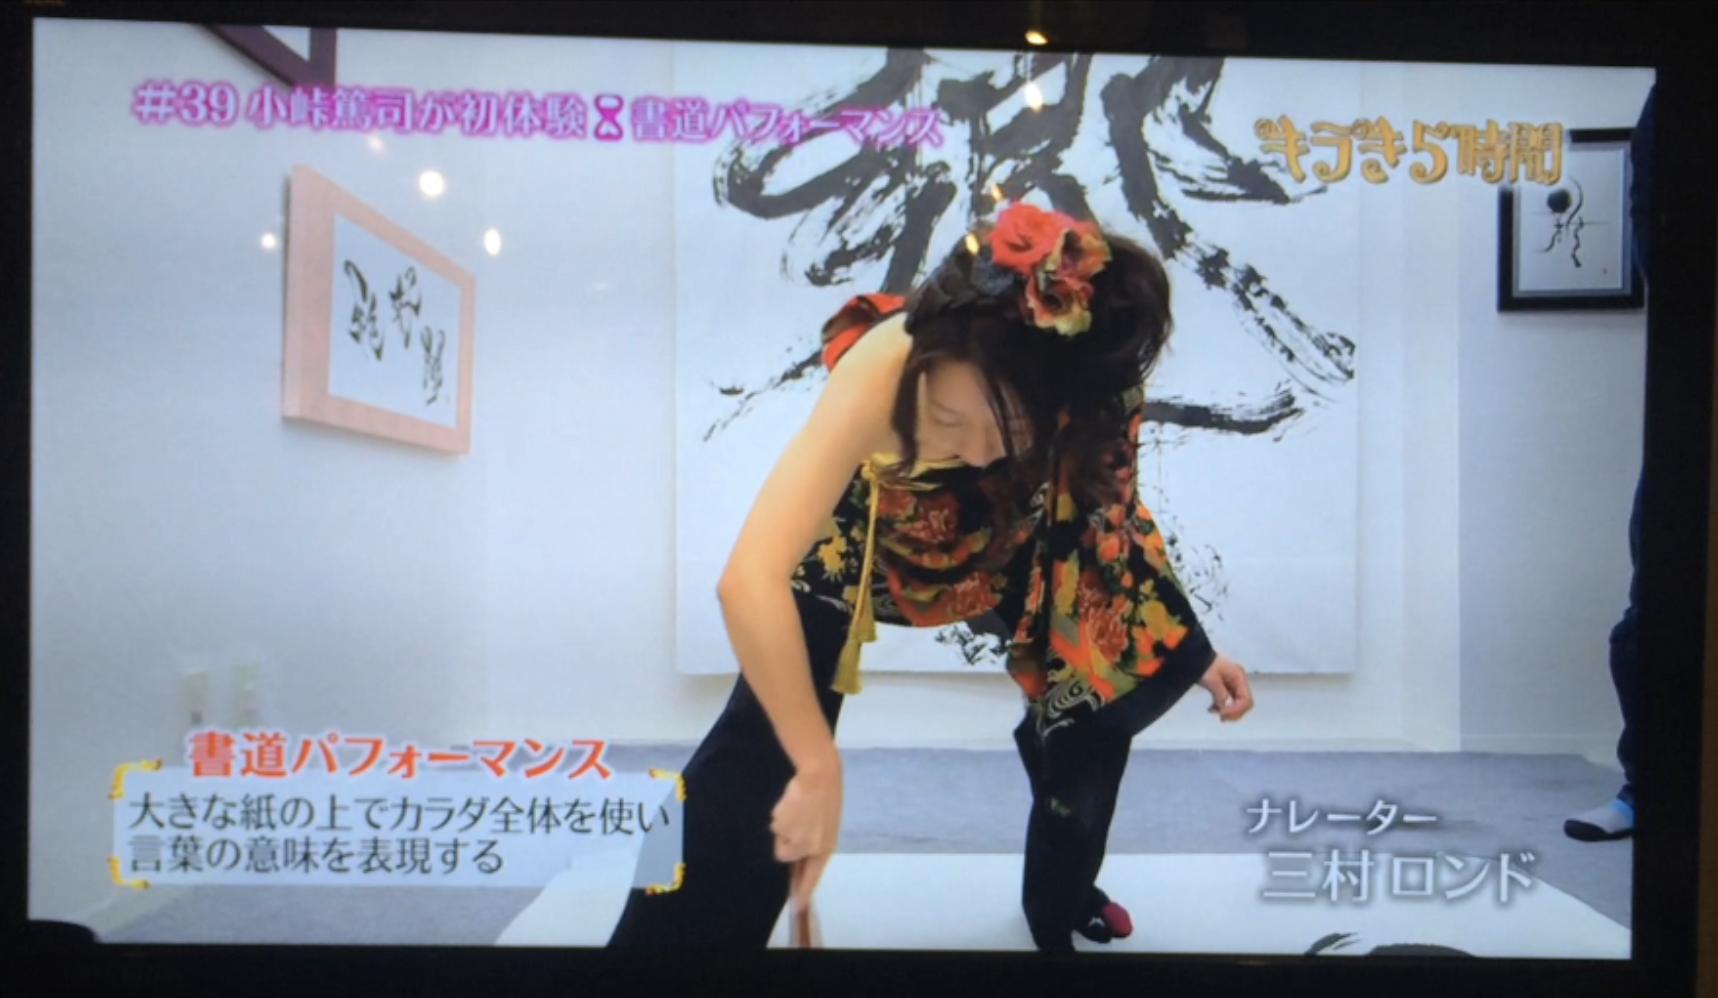 日本TV「きらキラ時間」プロレスラー小峠篤司さんに書道パフォーマンス指導